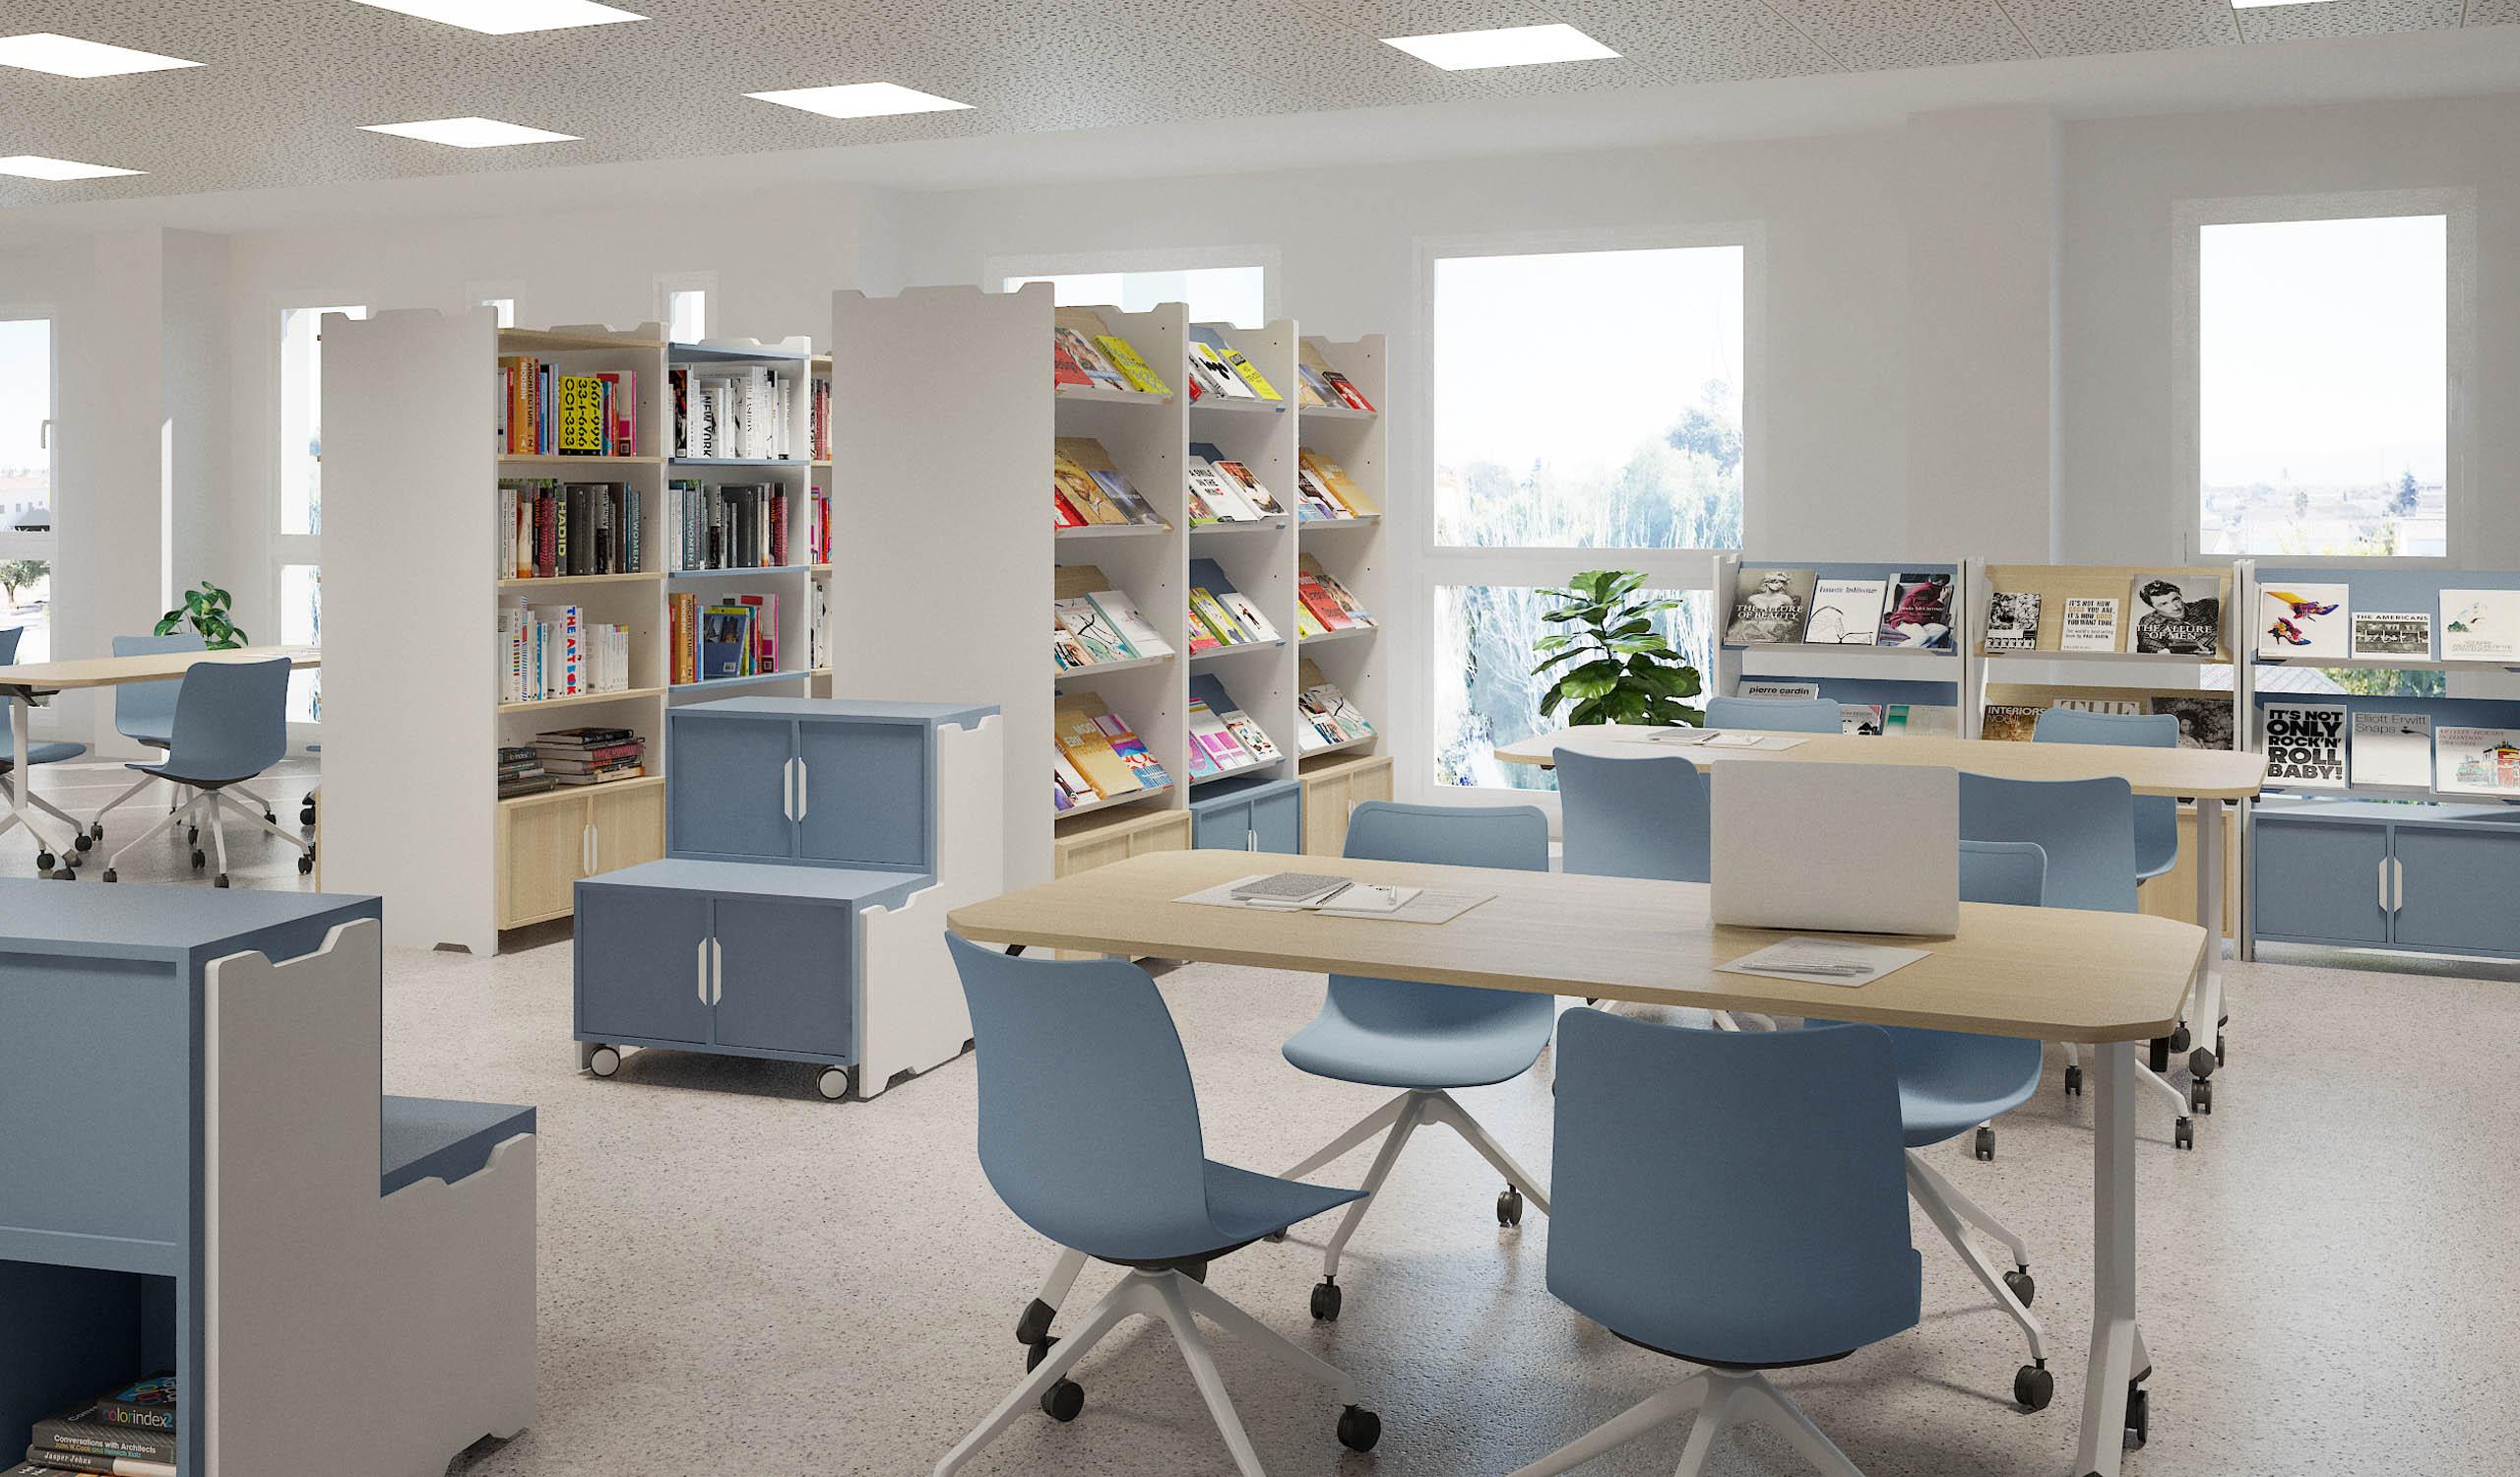 Vintiquatre Colección Tóteem collage office bliblioteca almacenaje mobiliario diseño